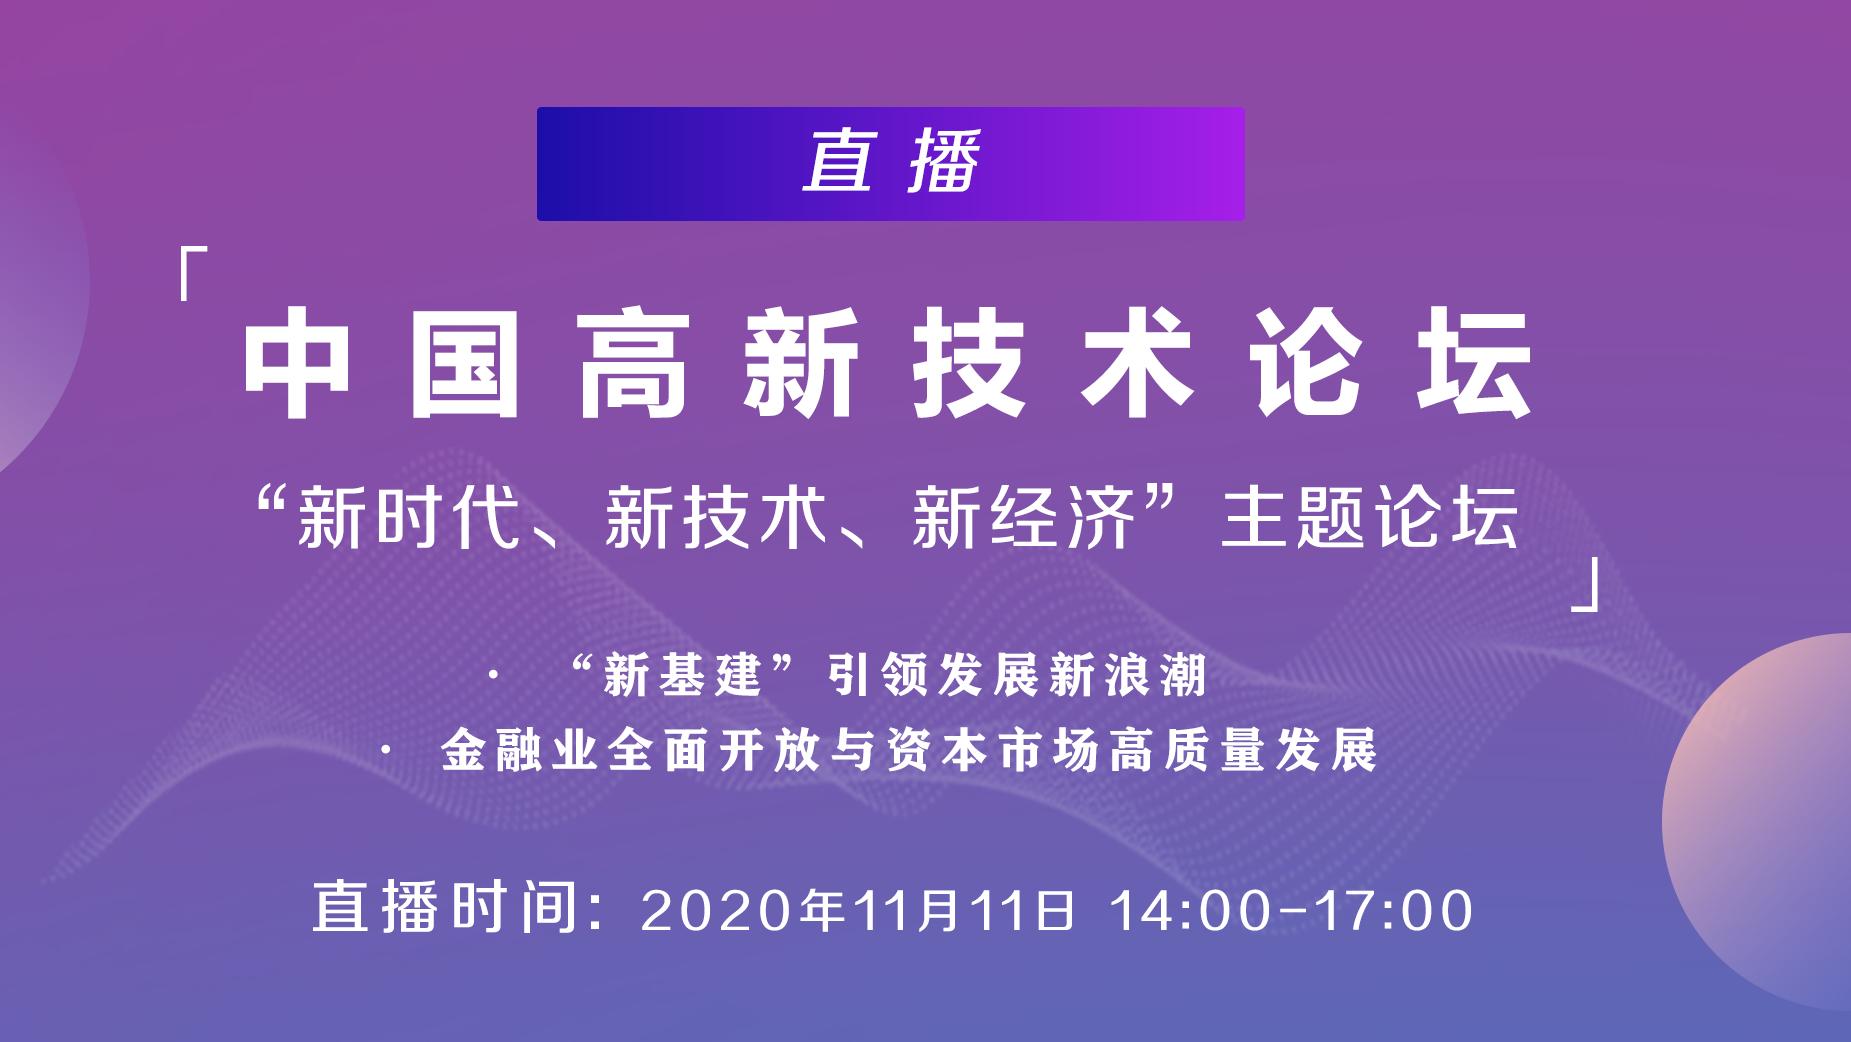 直击高交会 | 中国高新技术论坛——新时代、新技术、新经济主题论坛